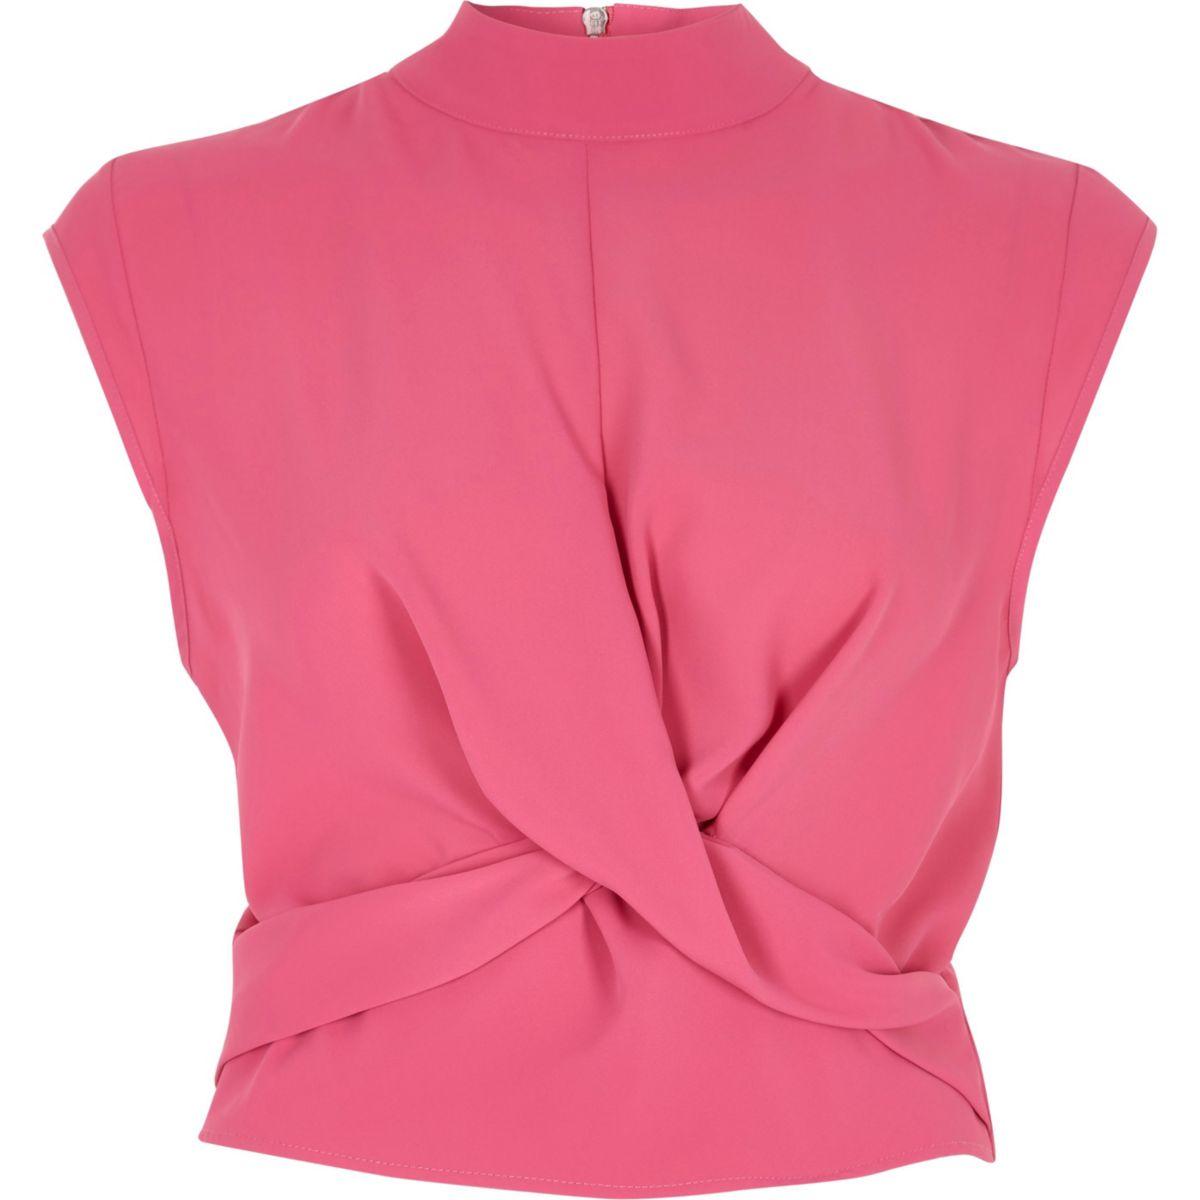 Bright pink twist front high neck crop top